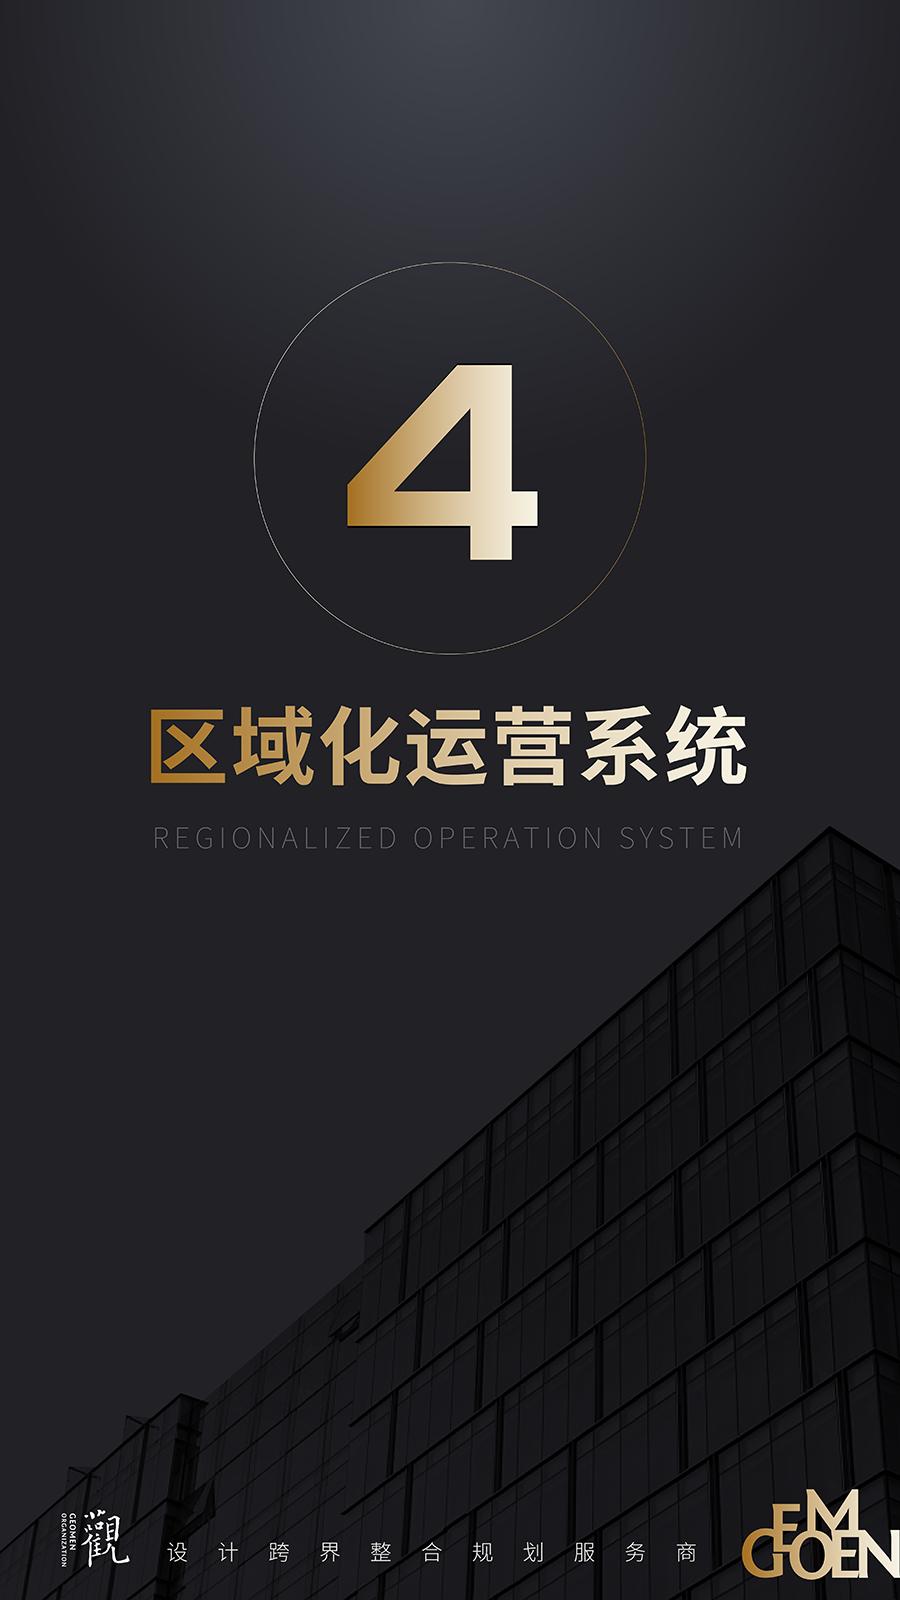 观云机构简介02.01_45.png